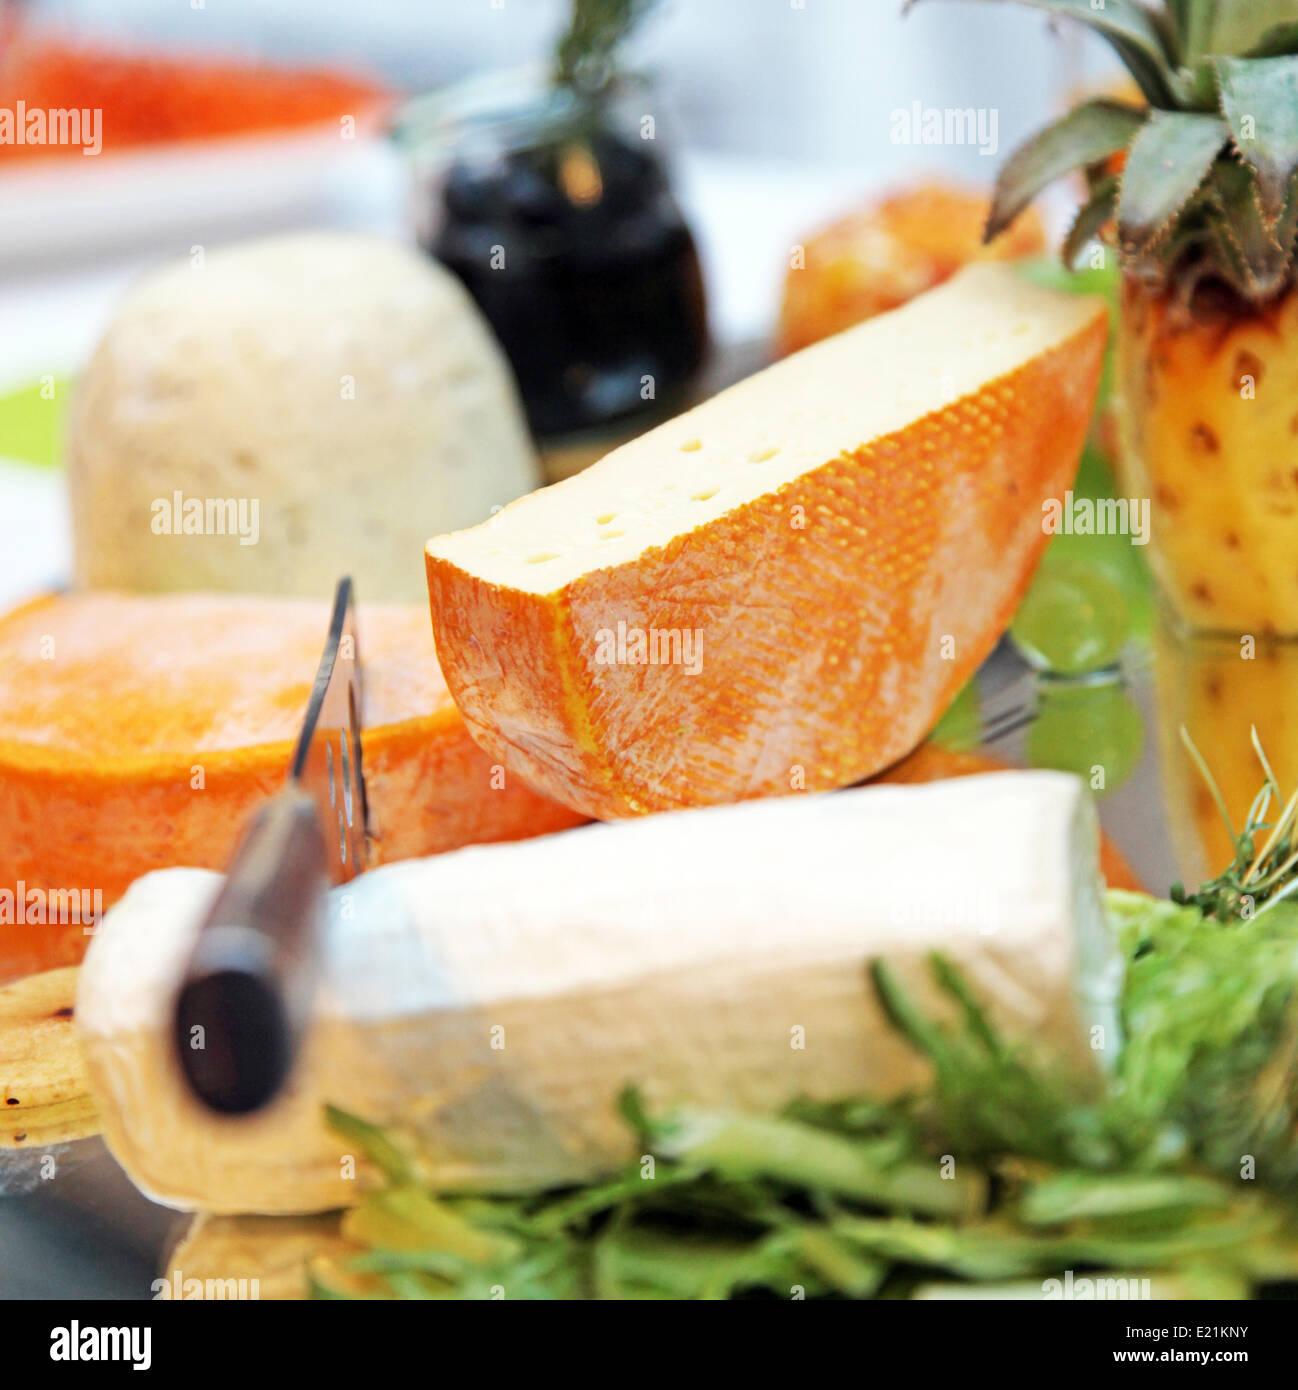 -Gegenspieler Käse - Nahaufnahme Stockbild